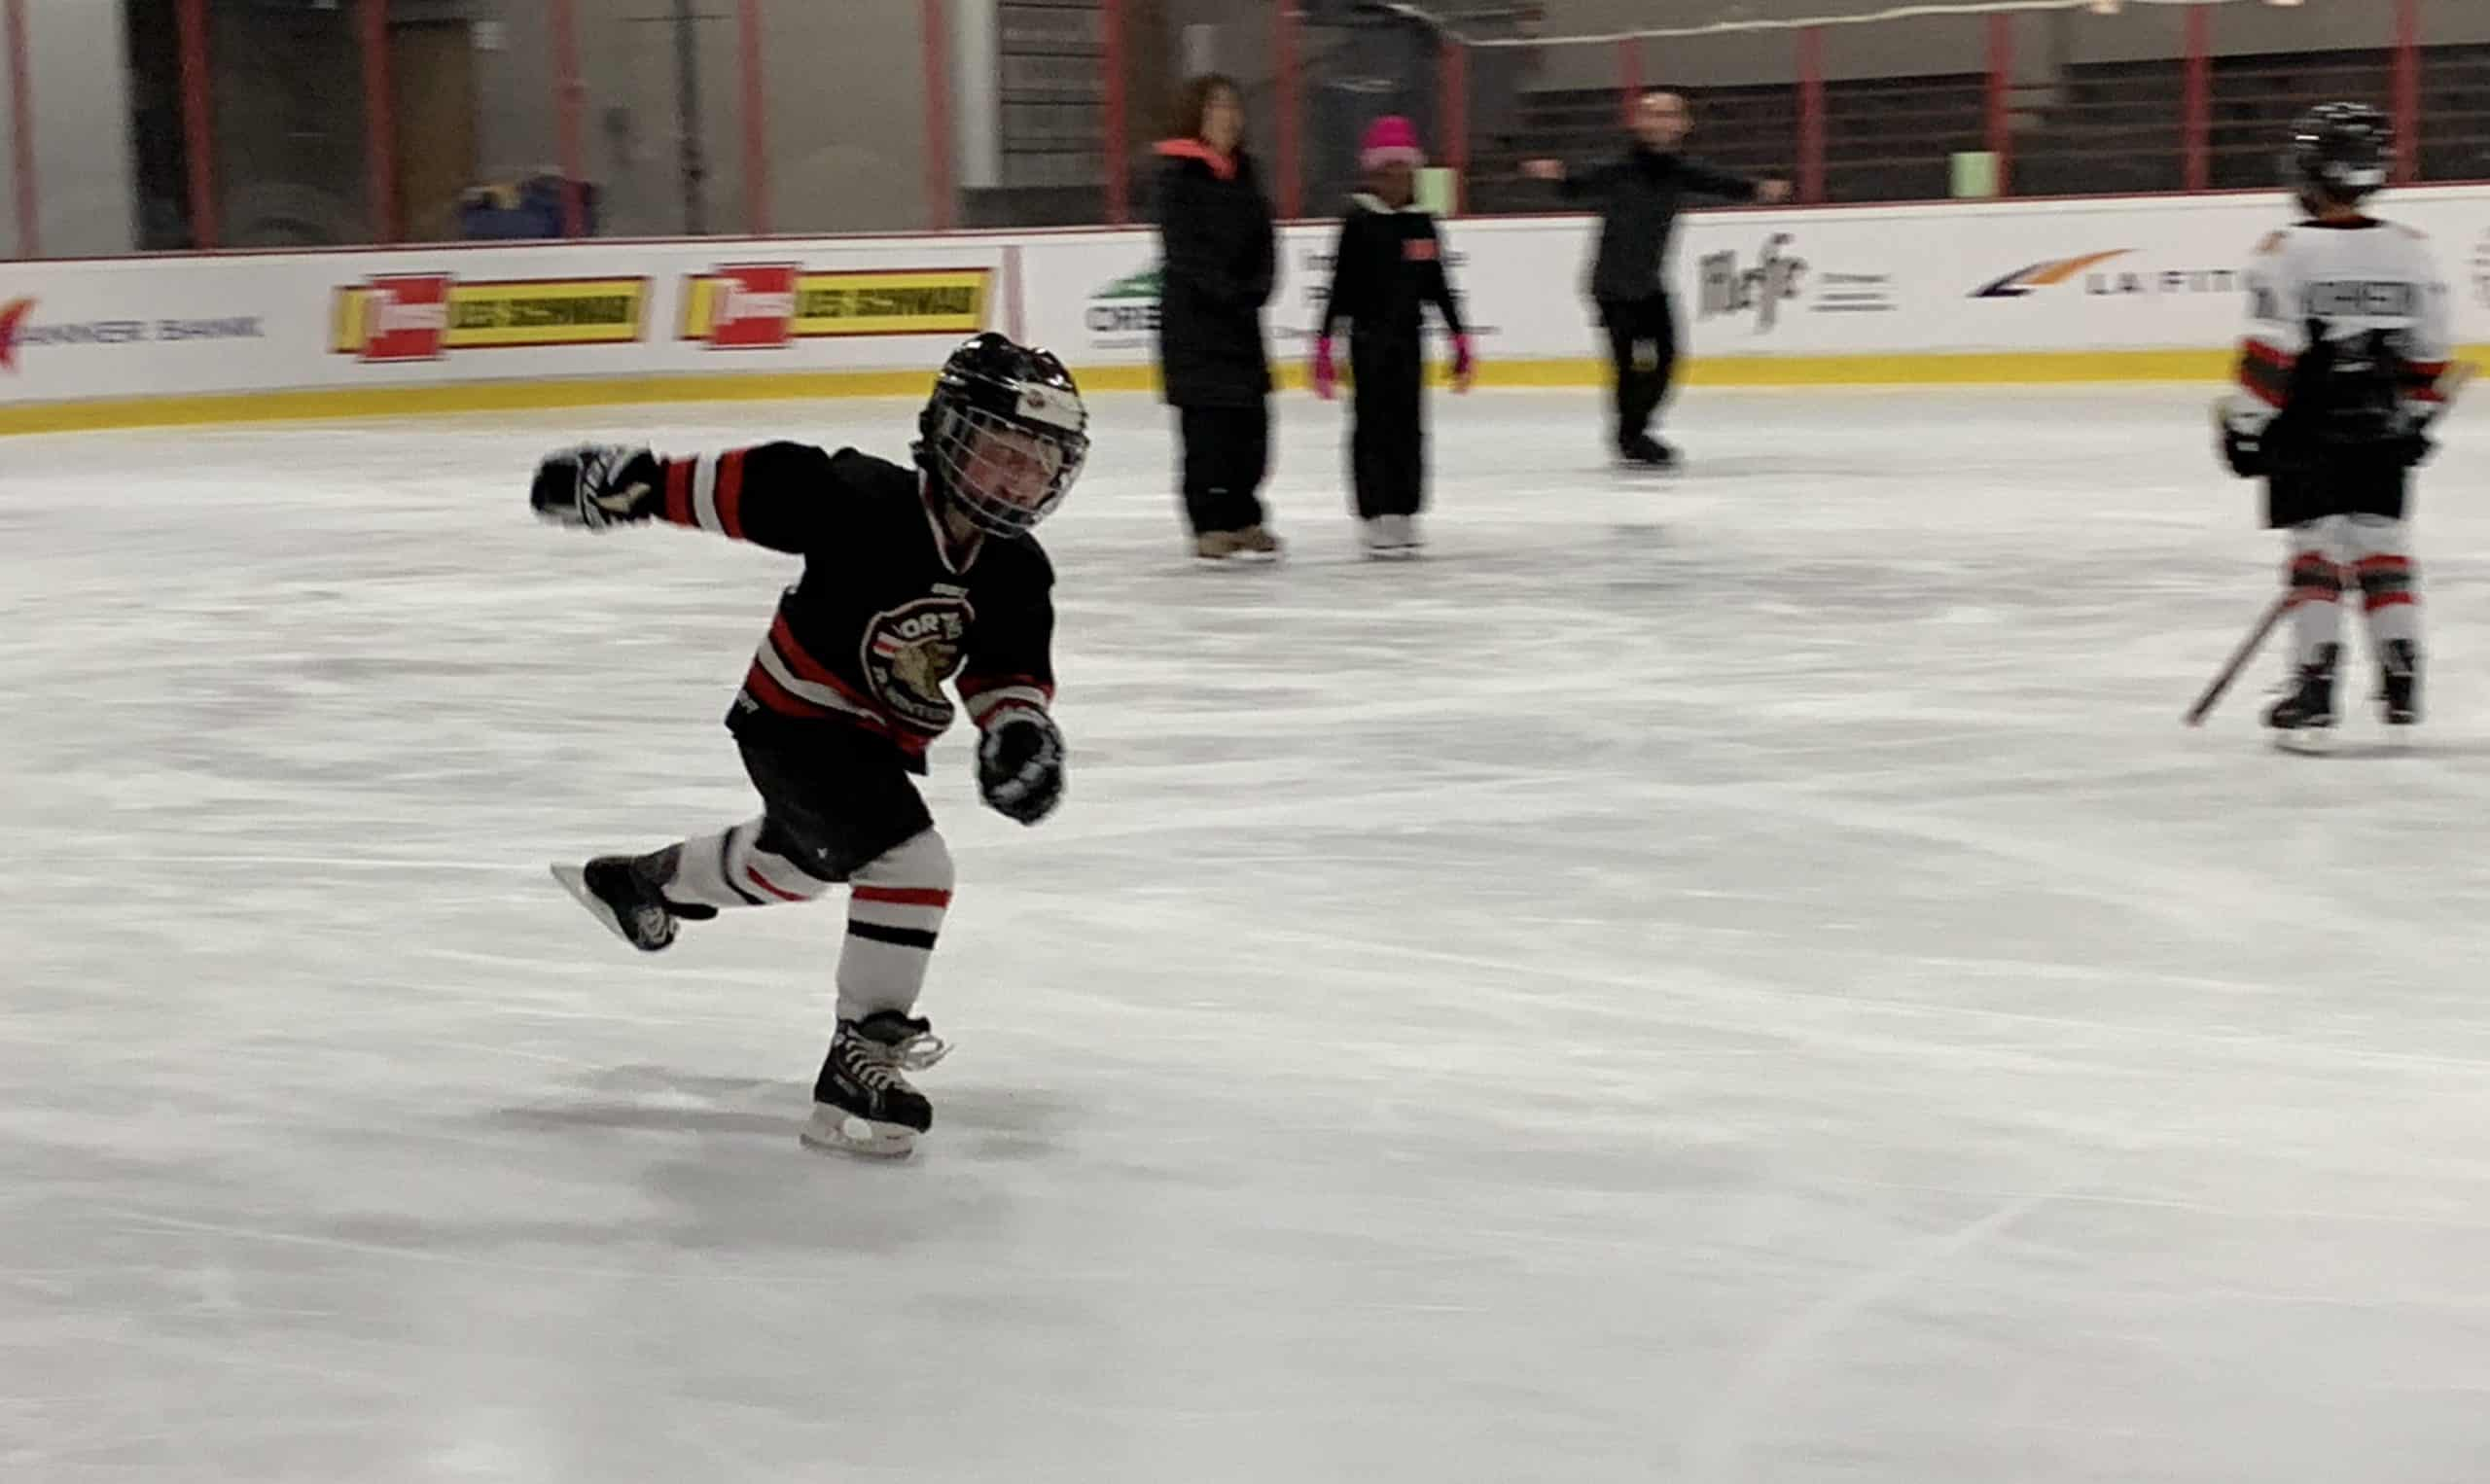 Madox skating